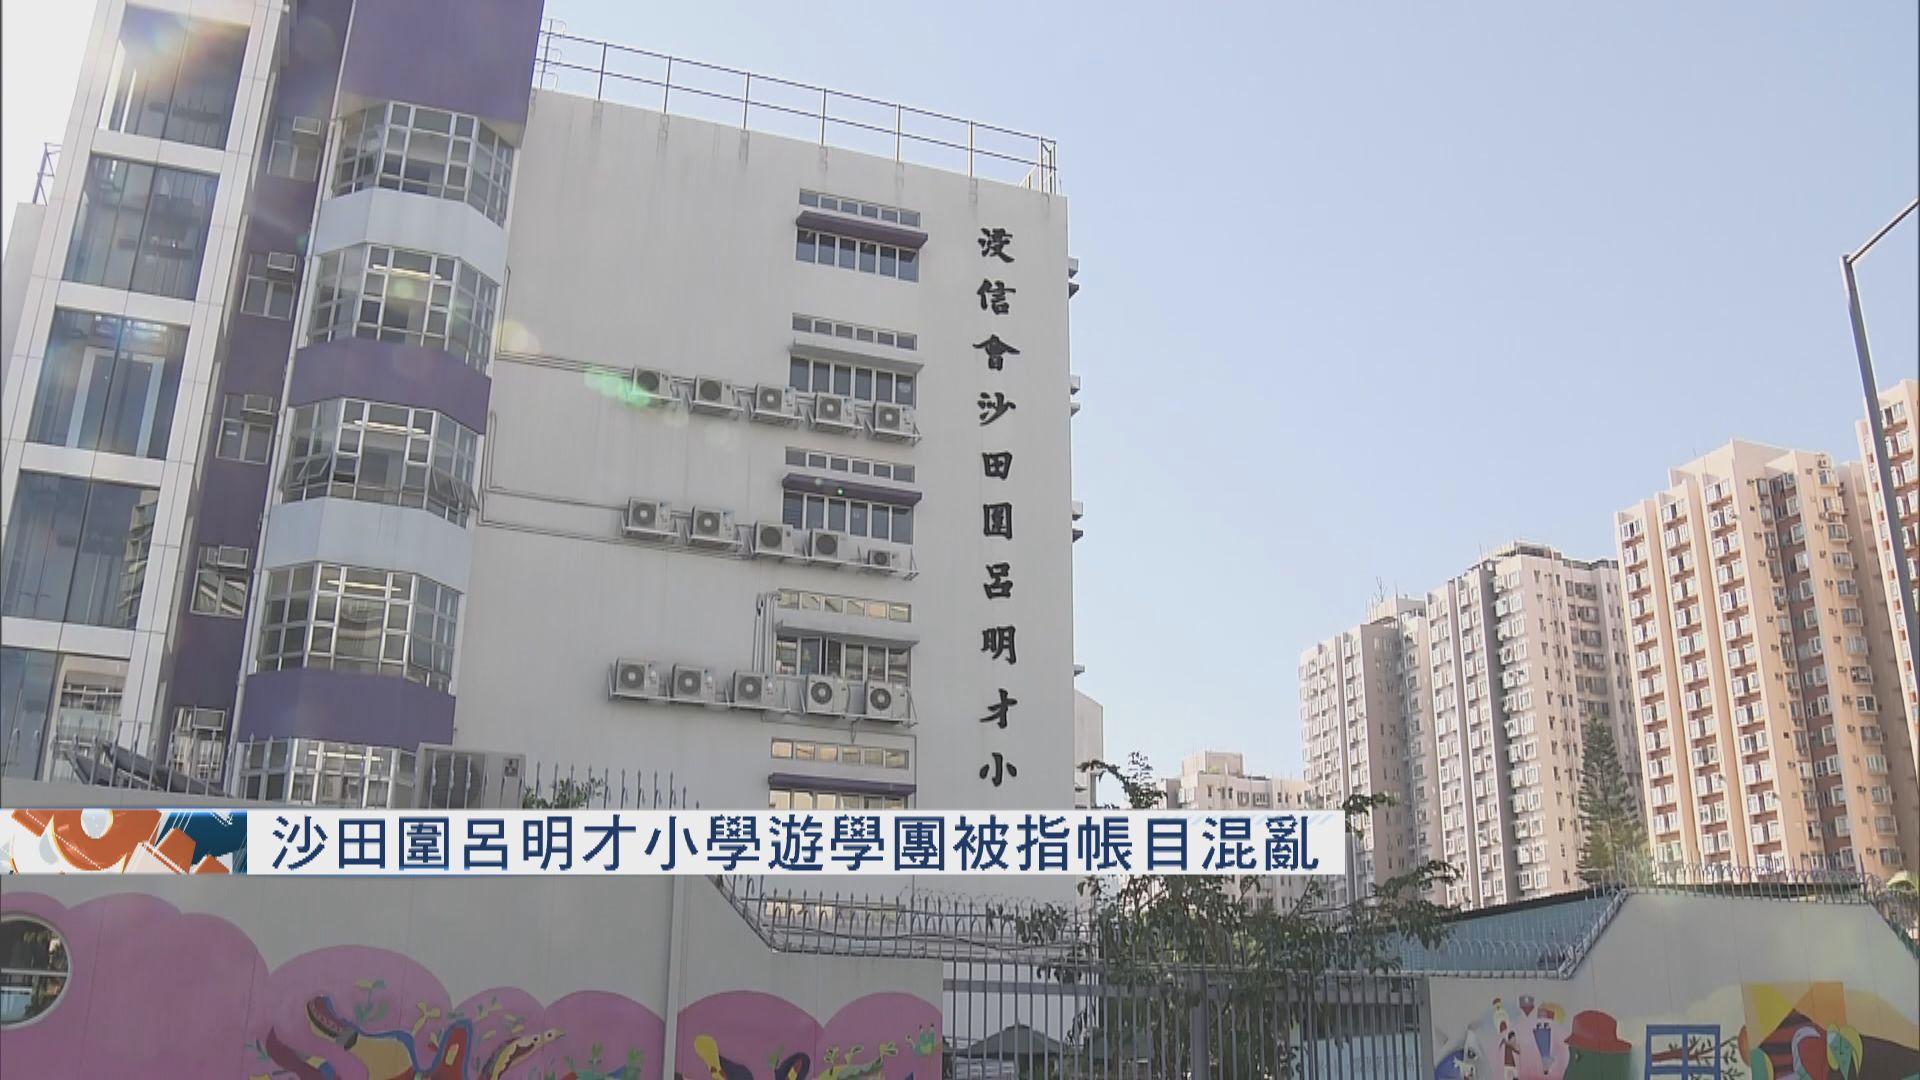 沙田圍呂明才小學遊學團被指帳目混亂